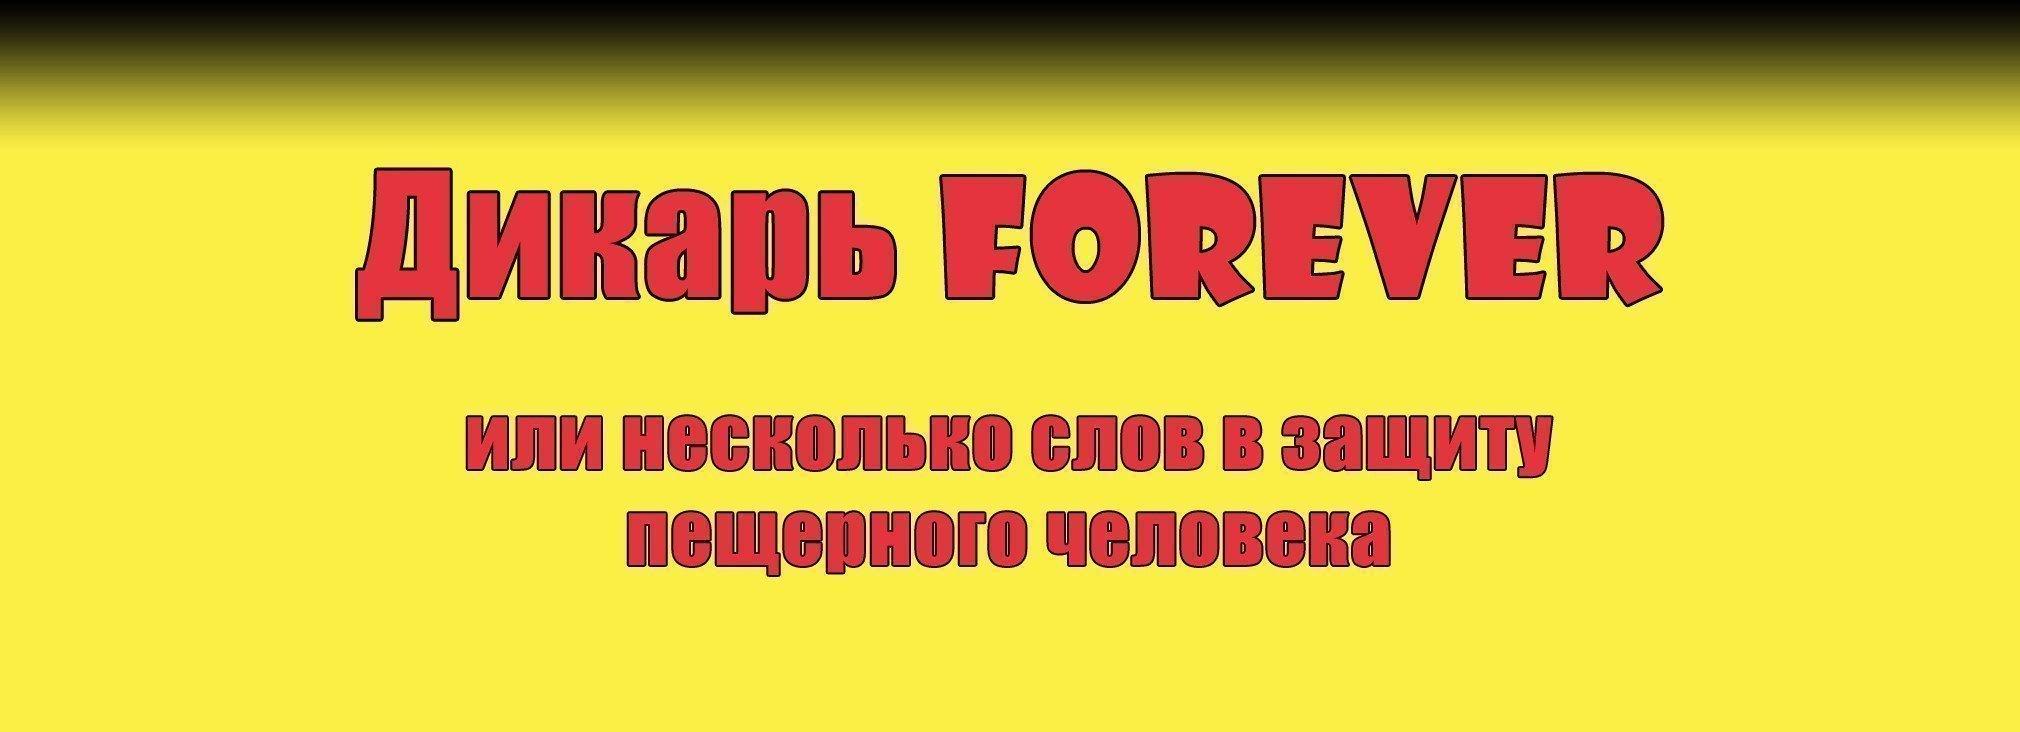 виконавець Дикун Forever (Дикун Форева)